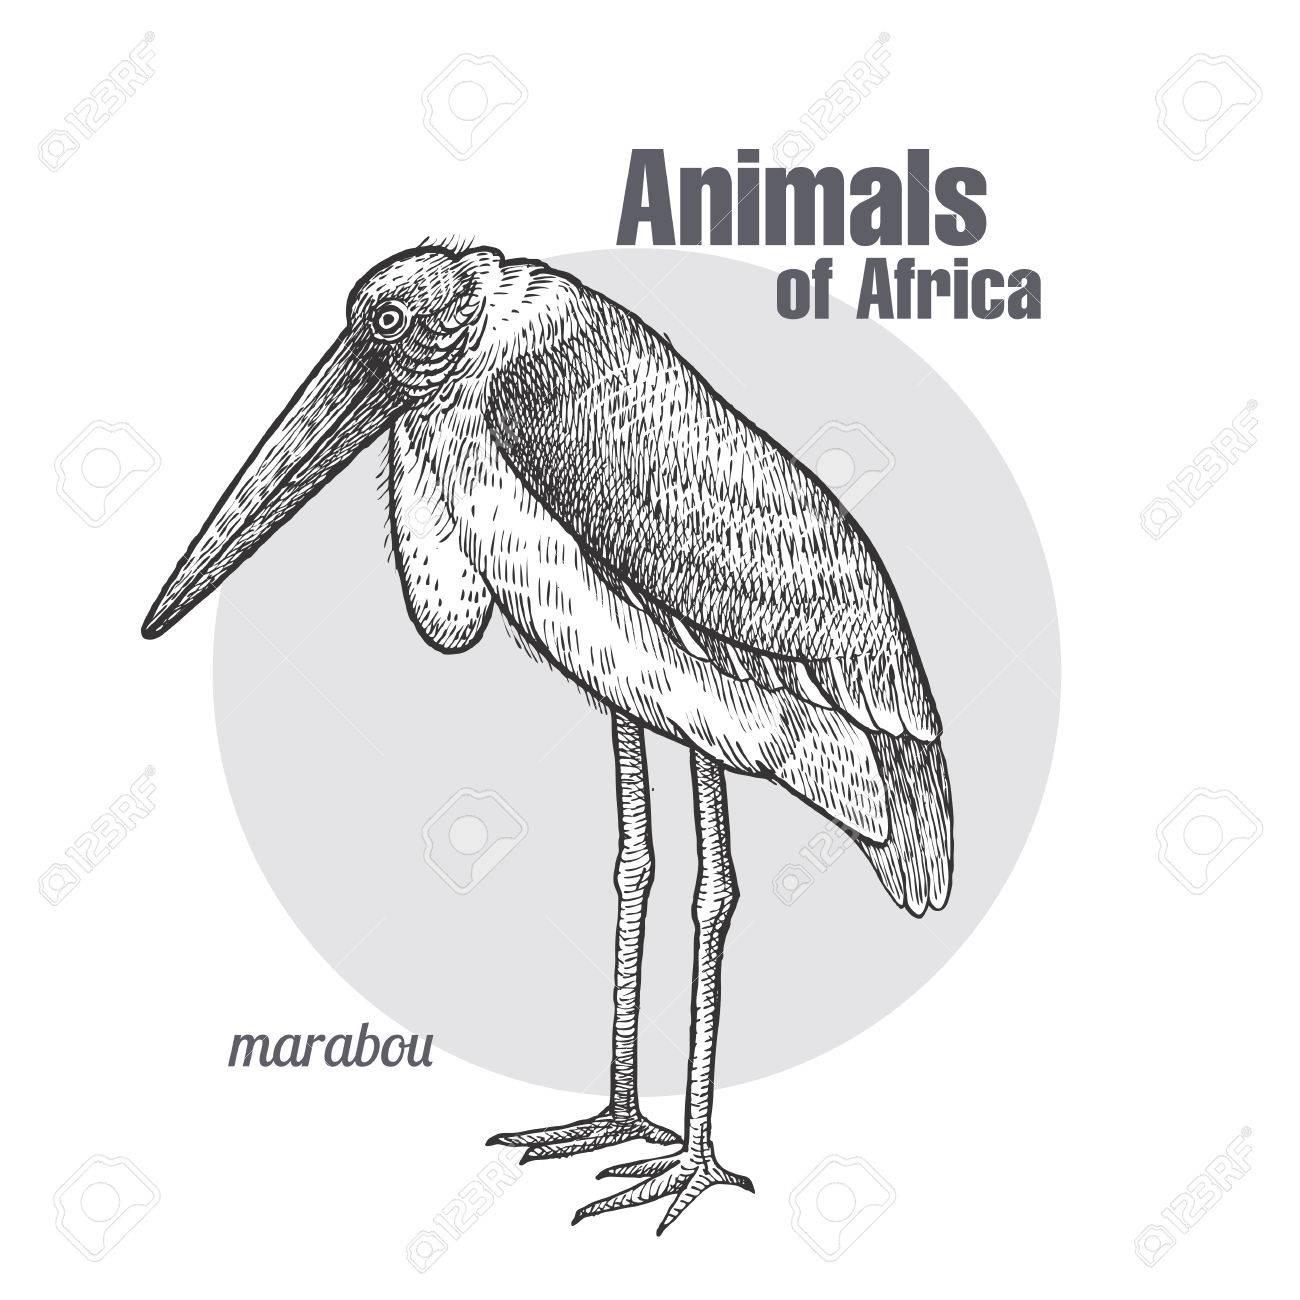 Disegno A Mano Di Uccello Marabù Serie Di Animali Africani Stile